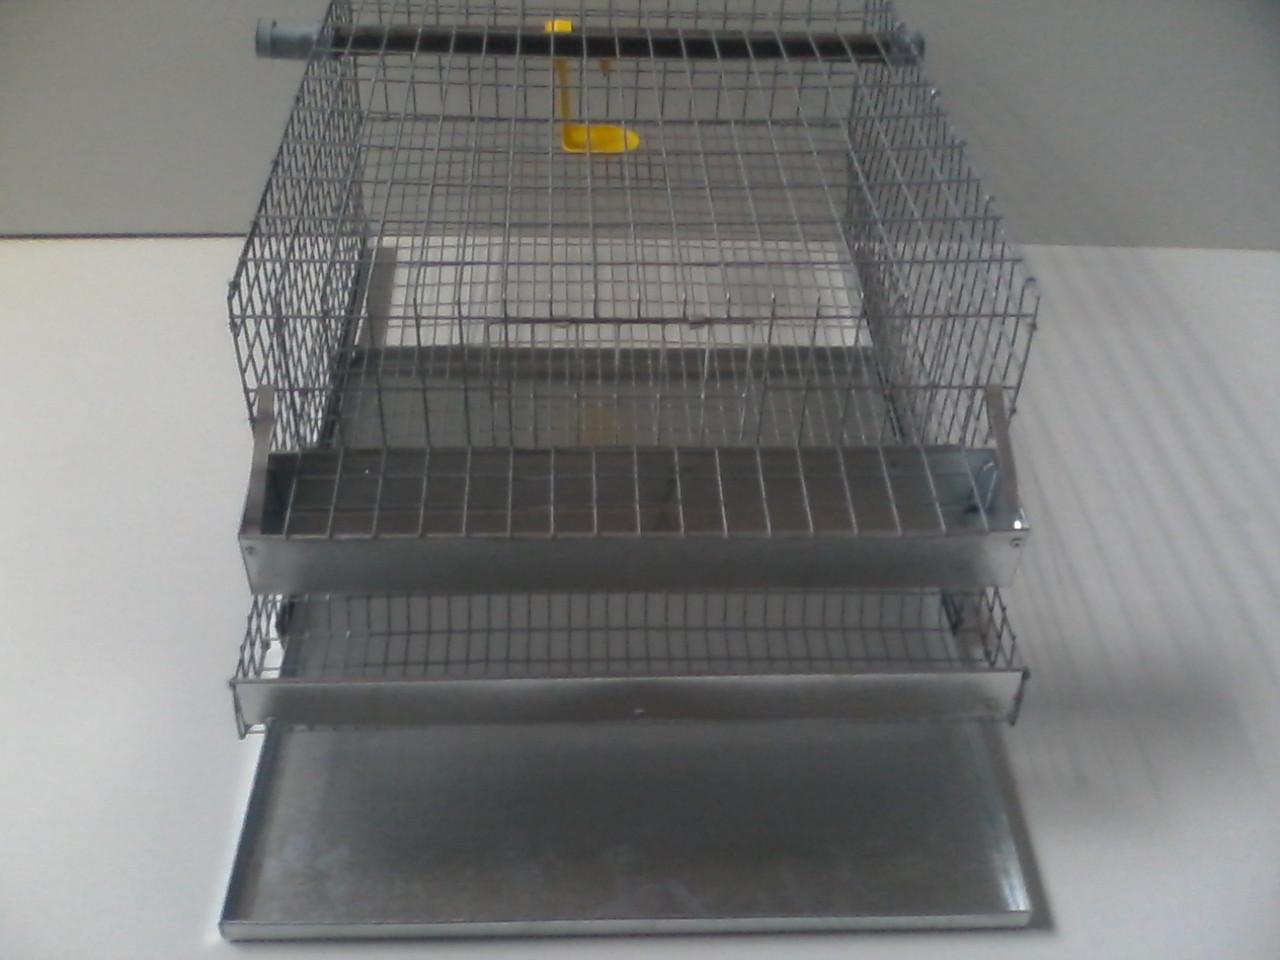 КП (Клетка для перепелов) - фото 4